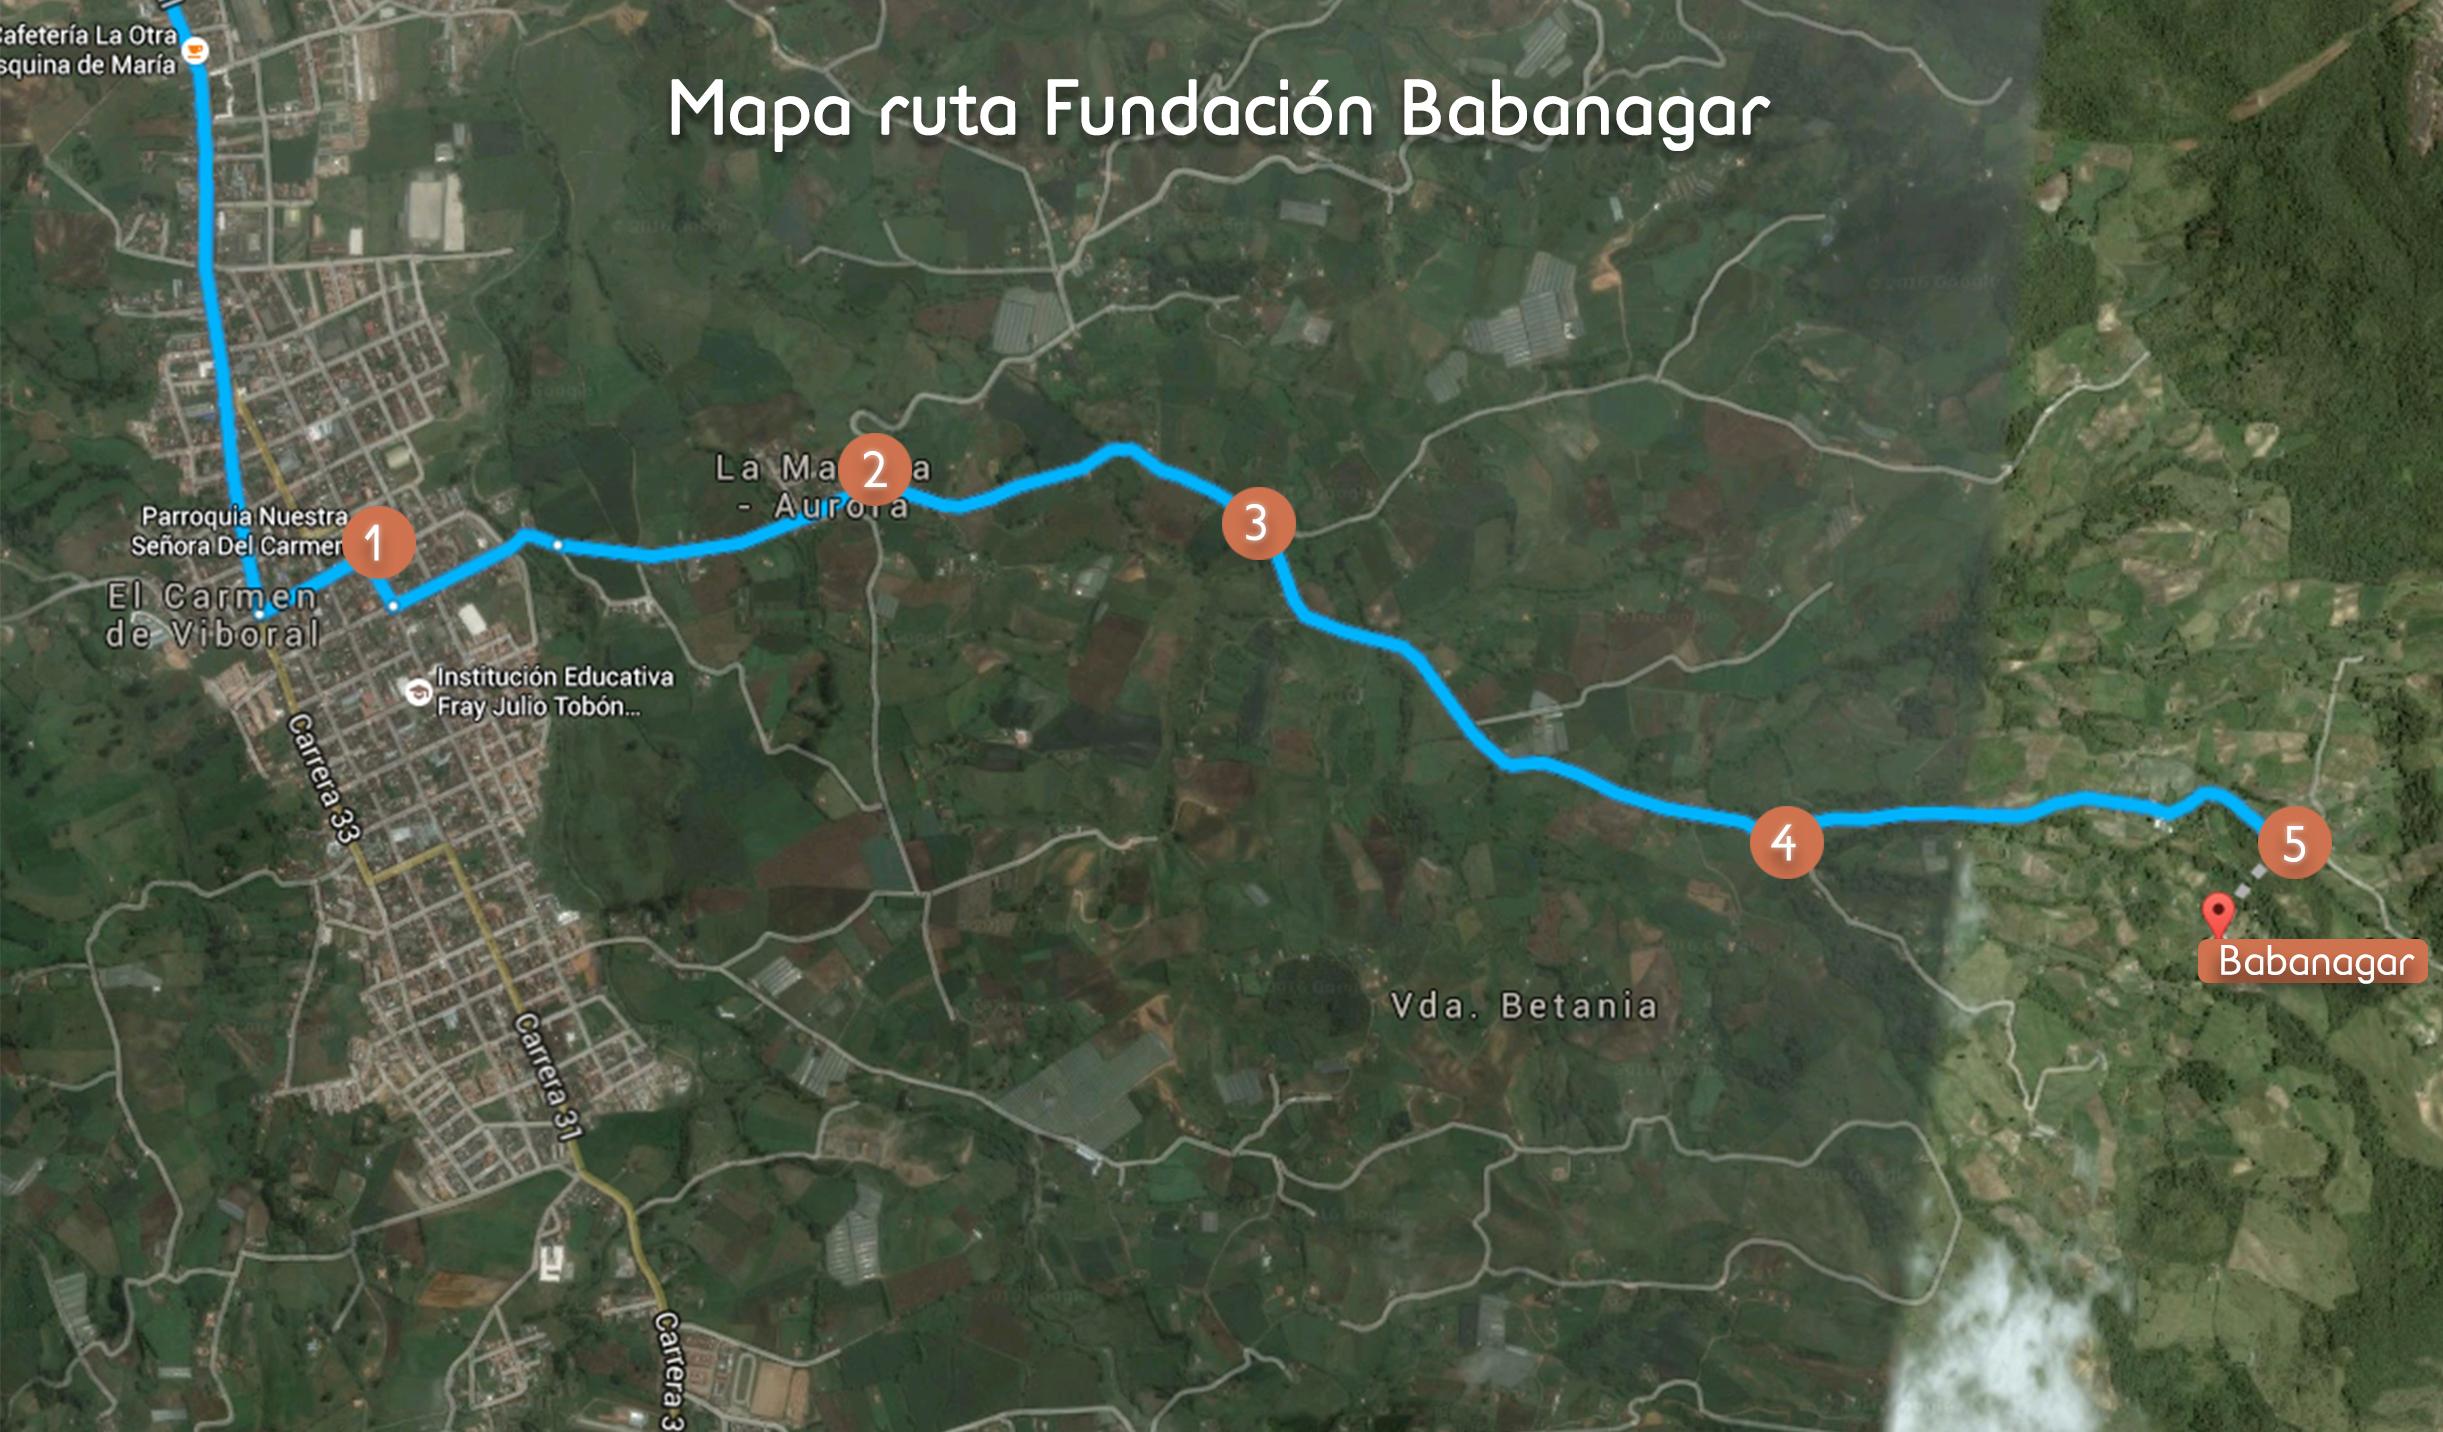 mapa ruta Fundacion Babanagar2